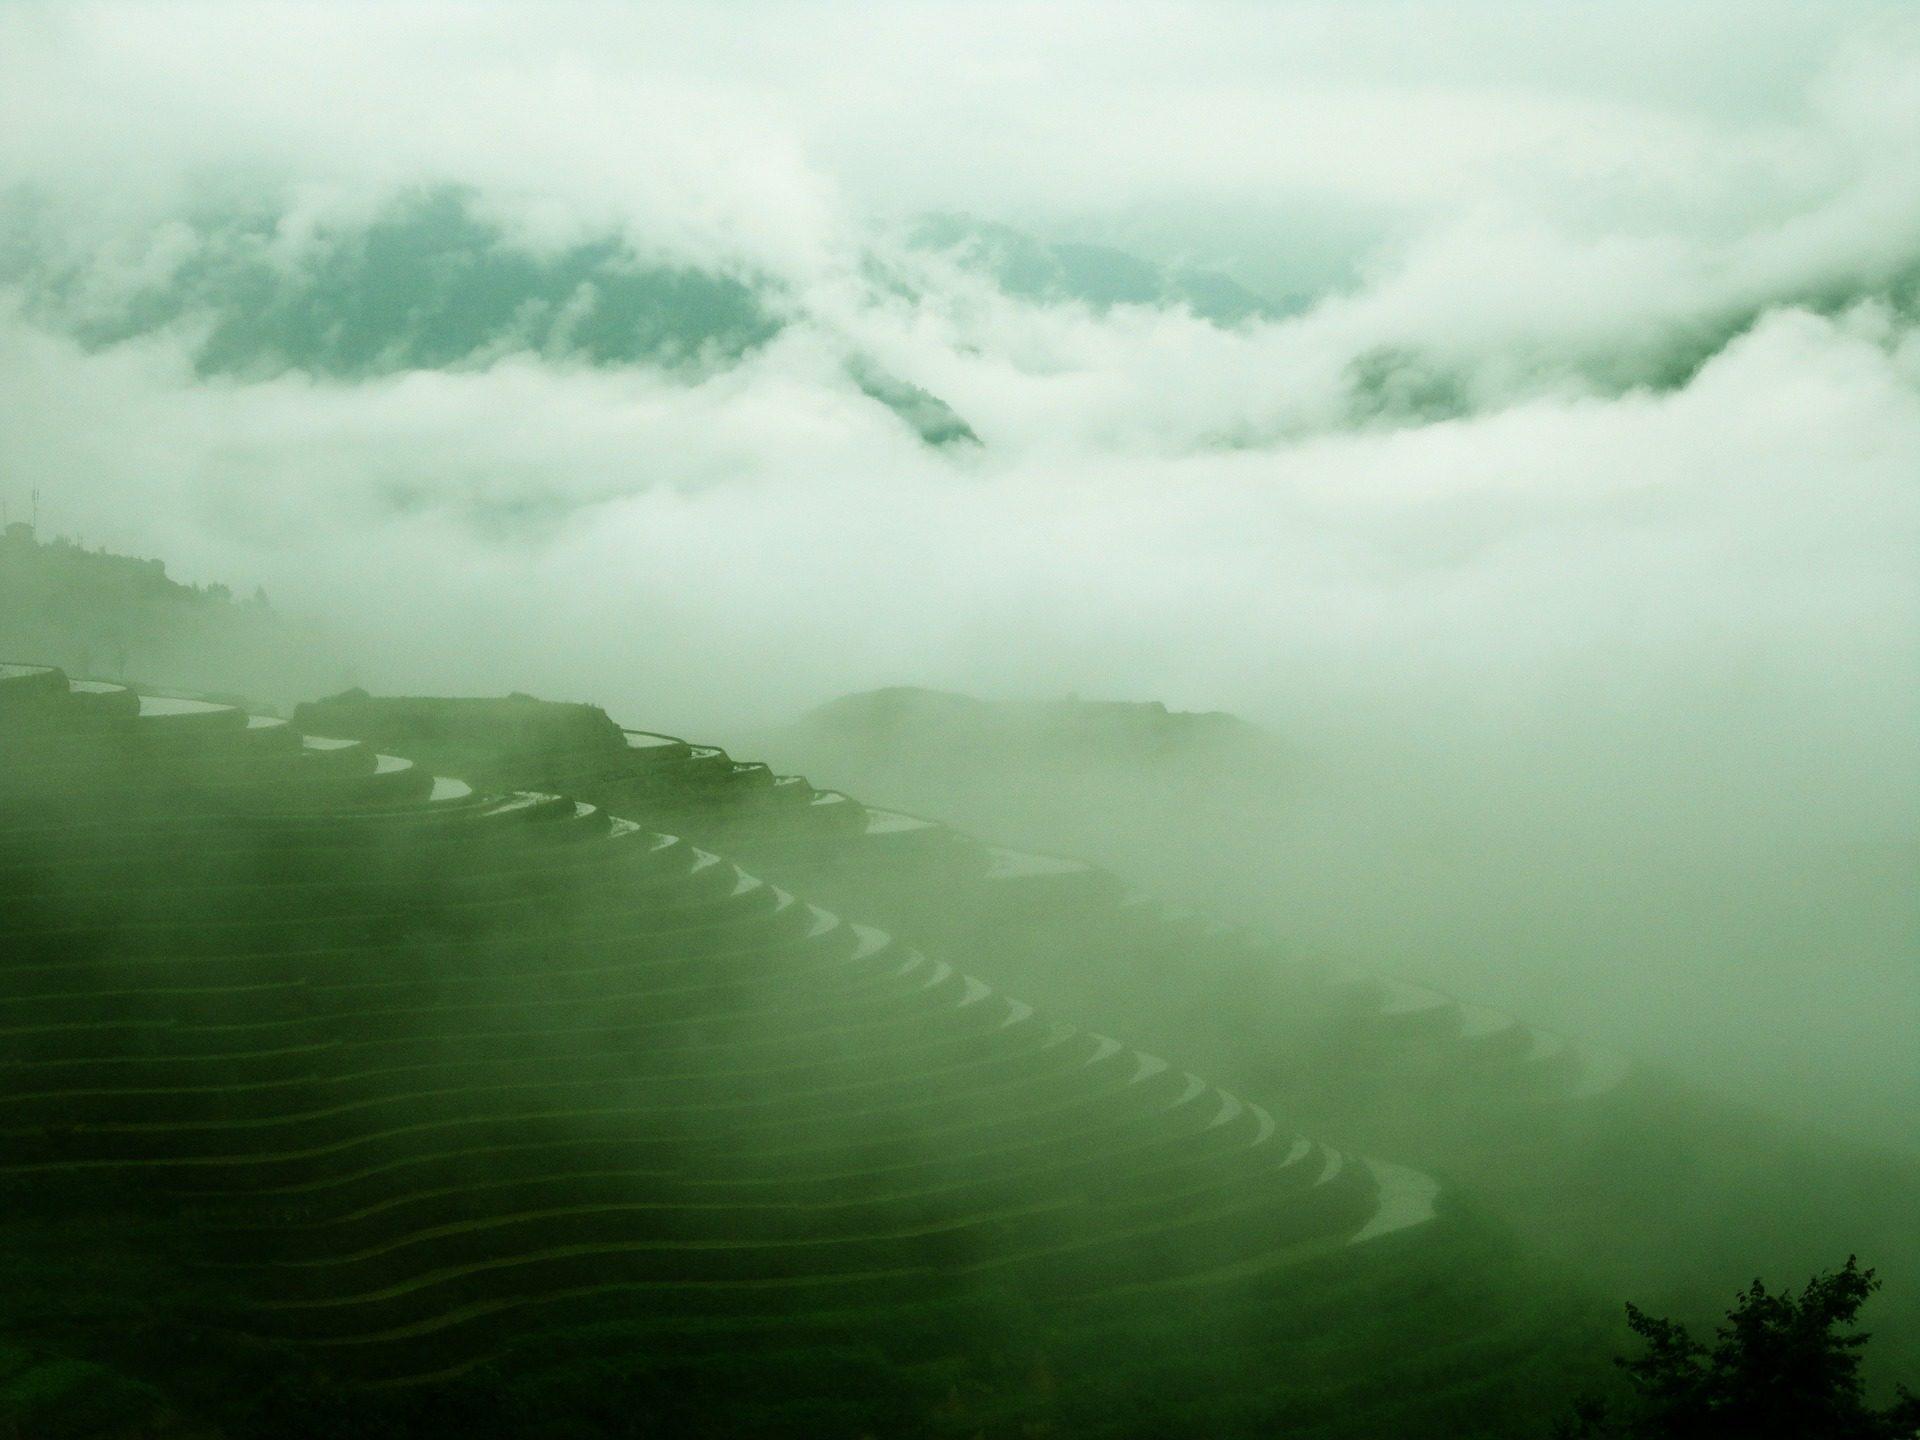 山, 斜面, プランテーション, レベル, 灌漑, 桂林 - HD の壁紙 - 教授-falken.com